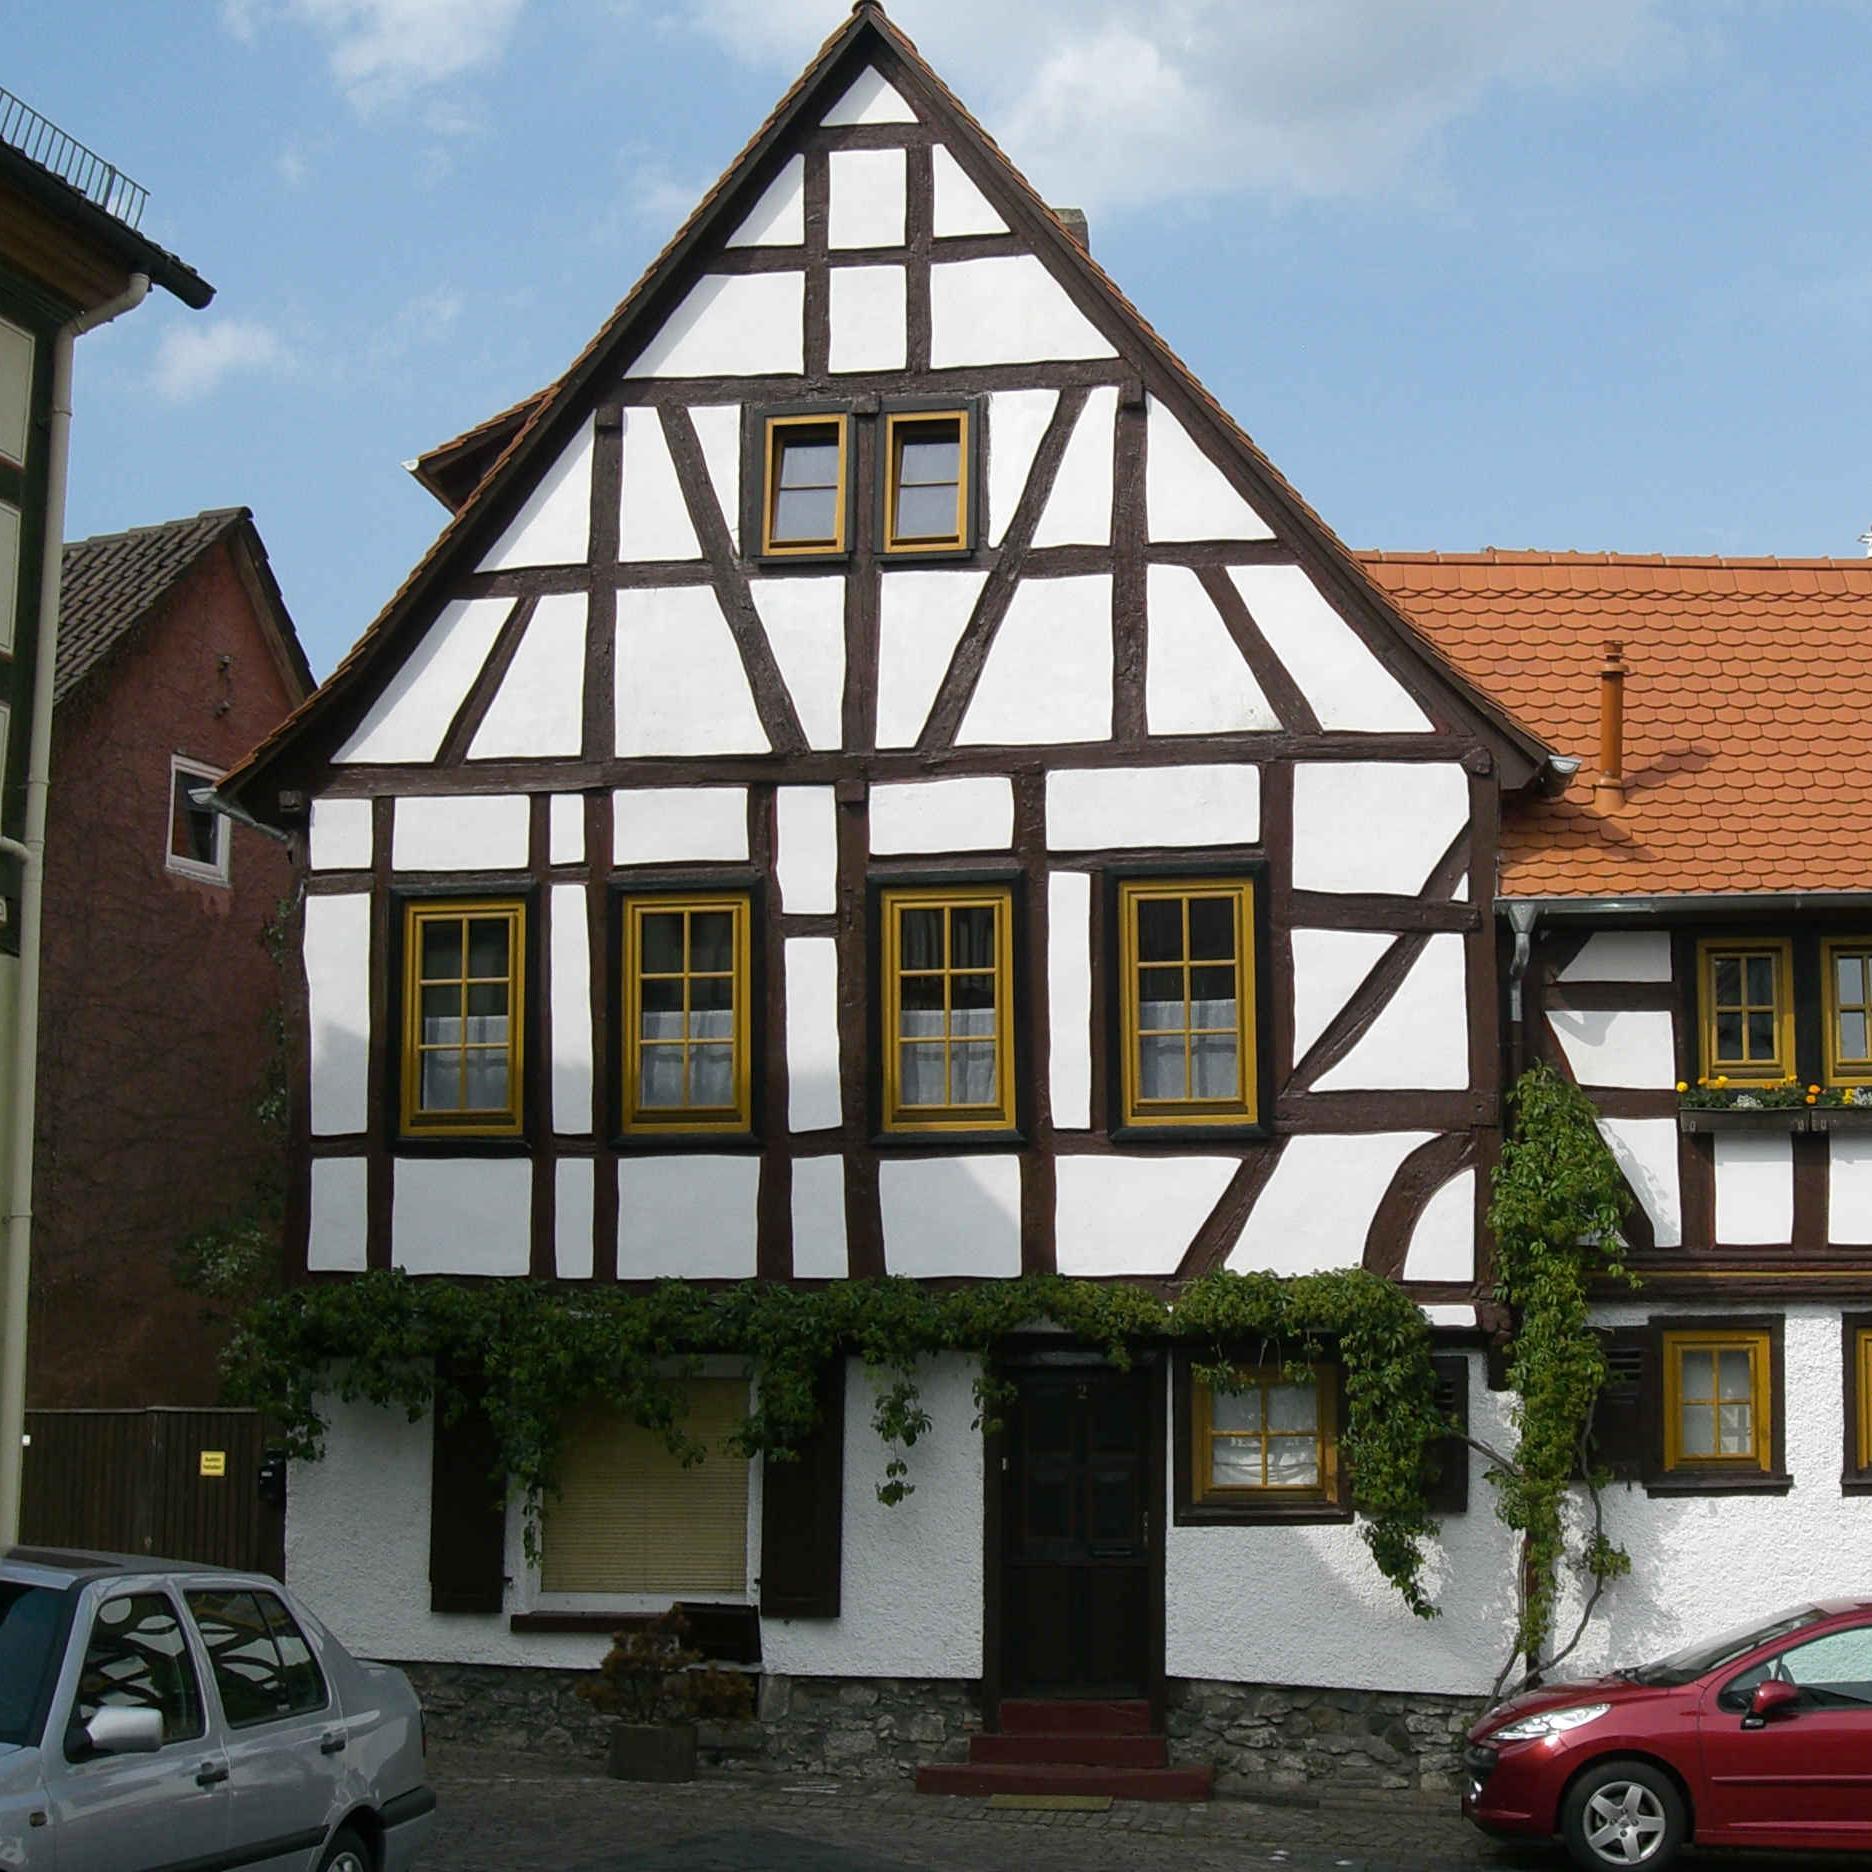 Каркасные дома, выполненные в стиле фахверк